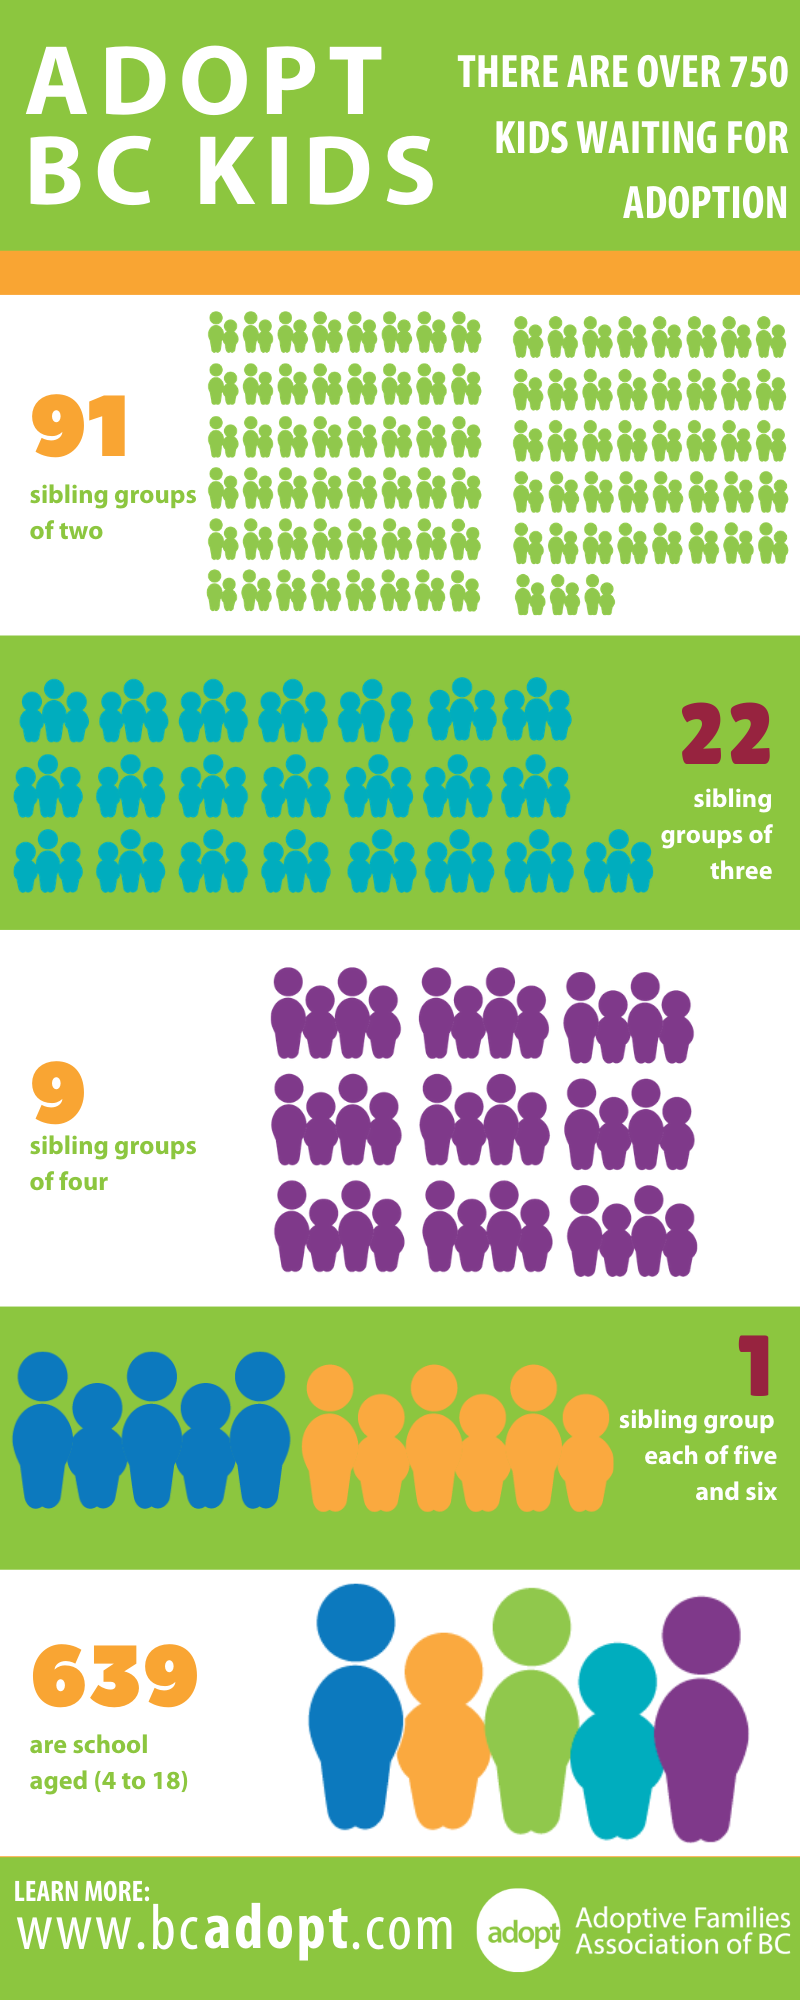 Adopt BC Kids infographic